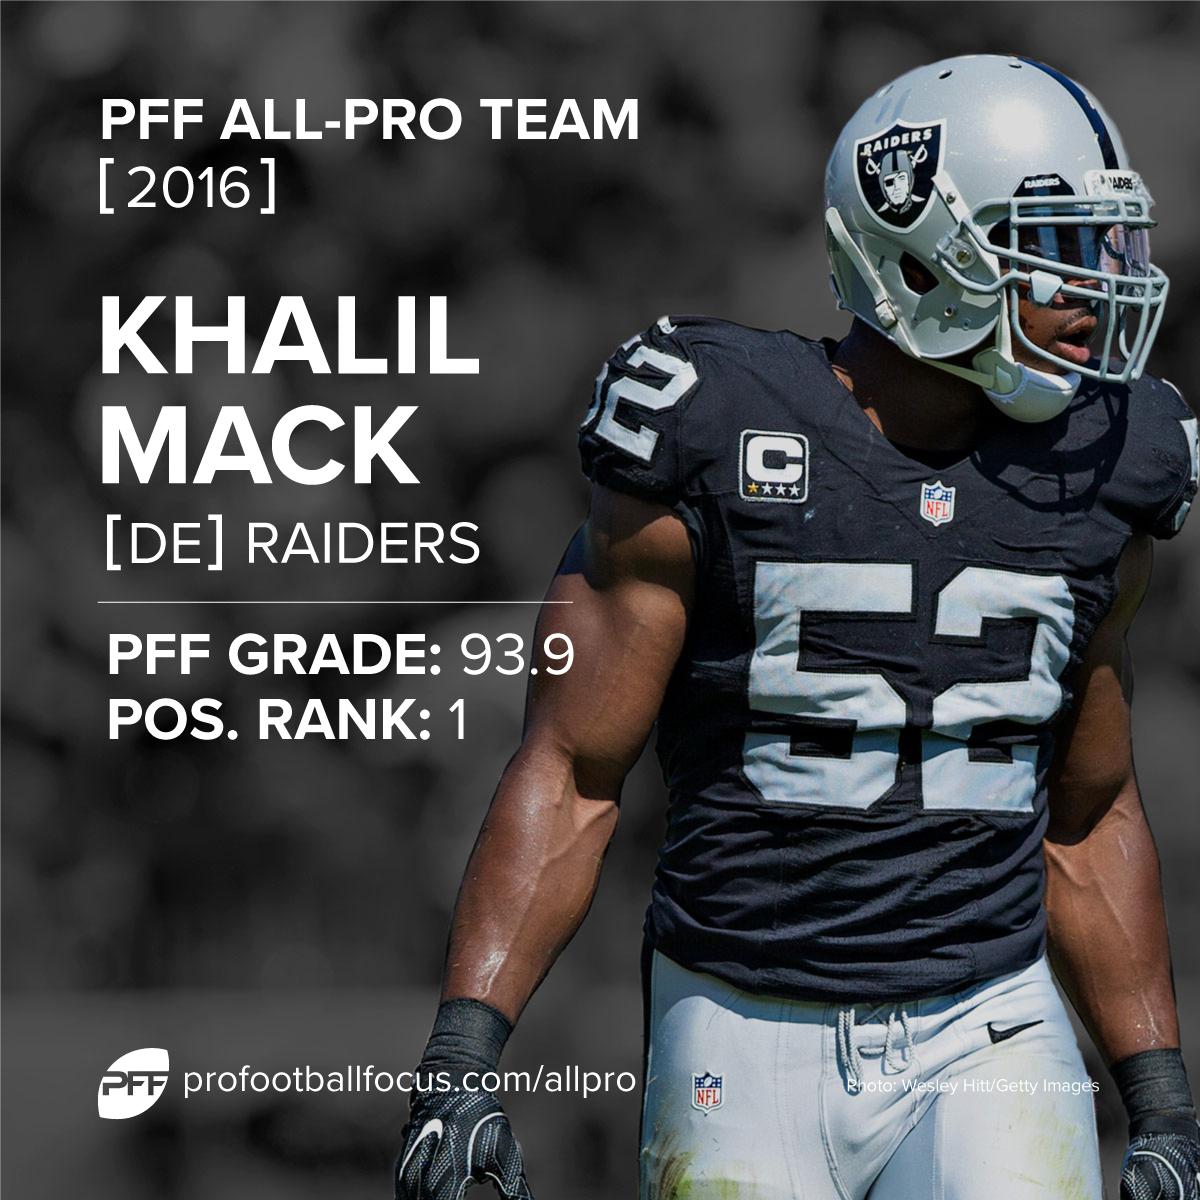 Khalil Mack PFF All-Pro